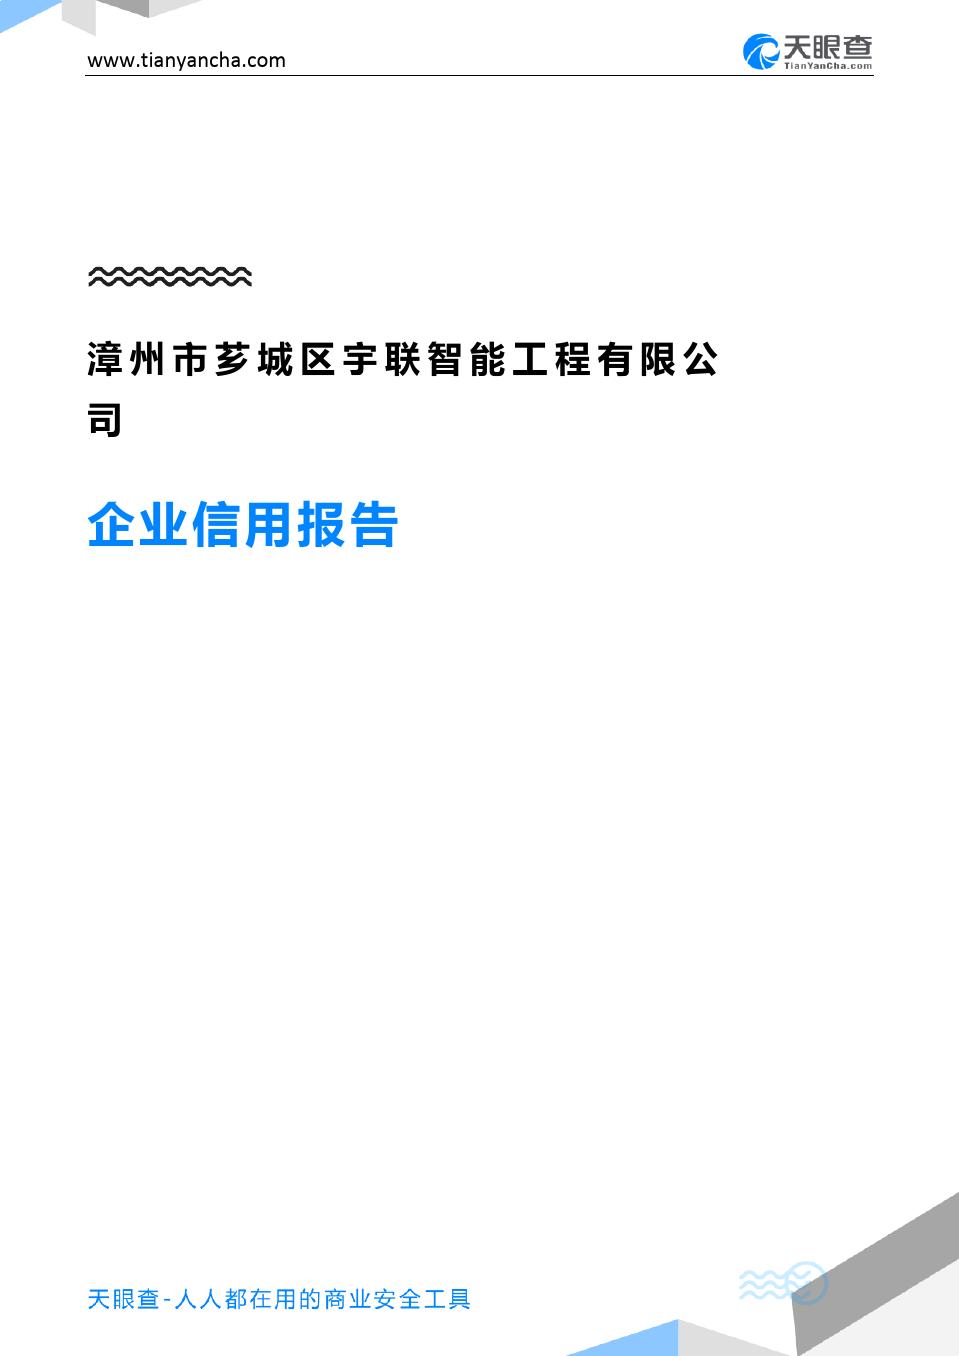 漳州市芗城区宇联智能工程有限公司(企业信用报告)- 天眼查